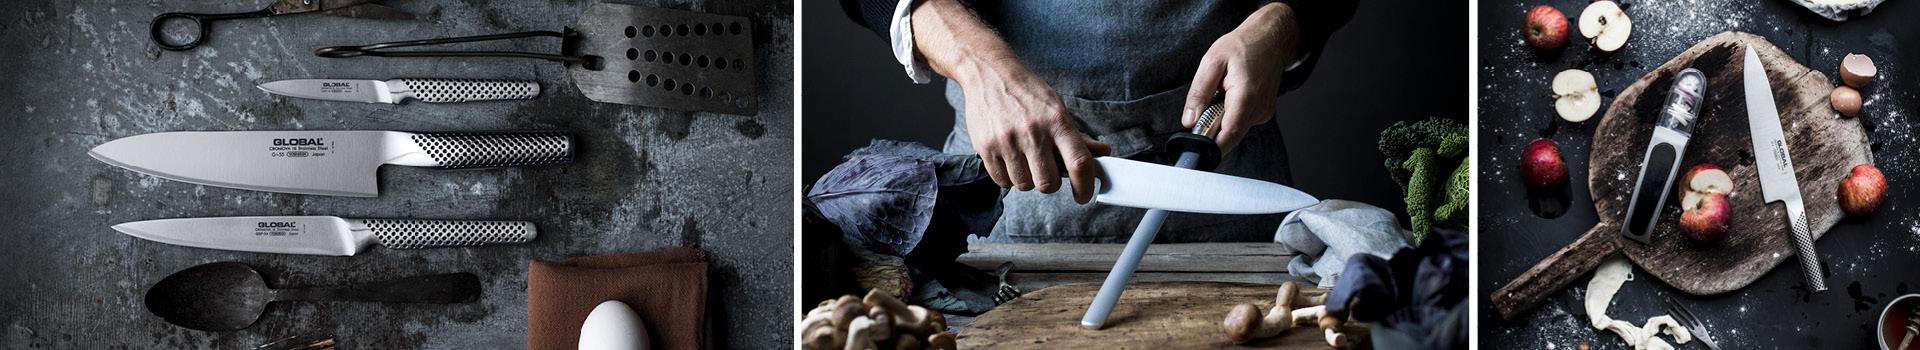 Global-kjøkkenkniver-kokkekniv-brødkniv-japanske-kniver-d.jpg